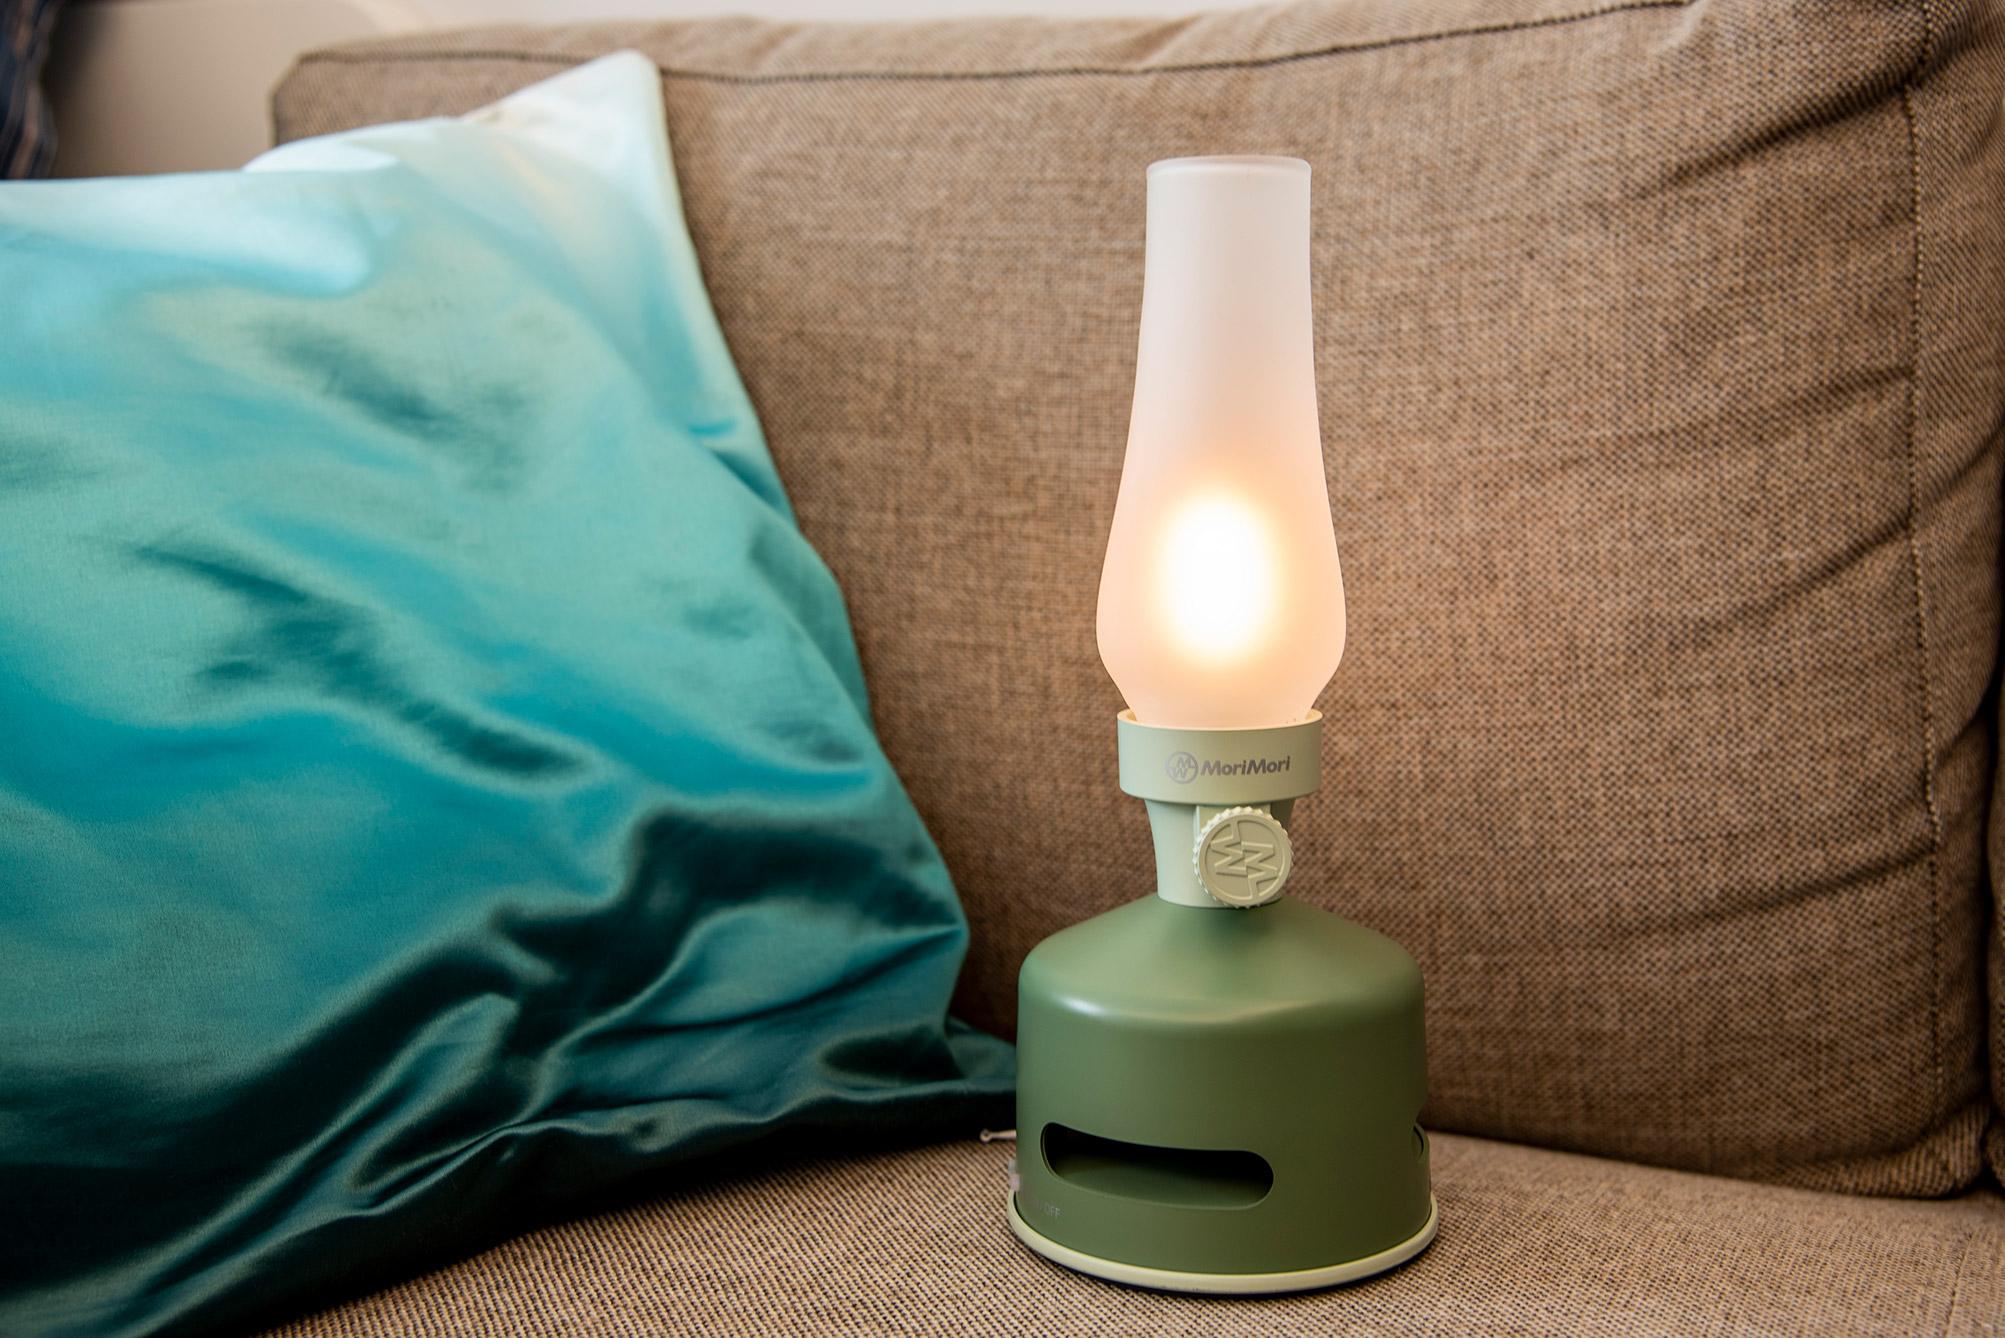 MoriMori LED煤油燈藍牙音響專用霧面玻璃燈罩